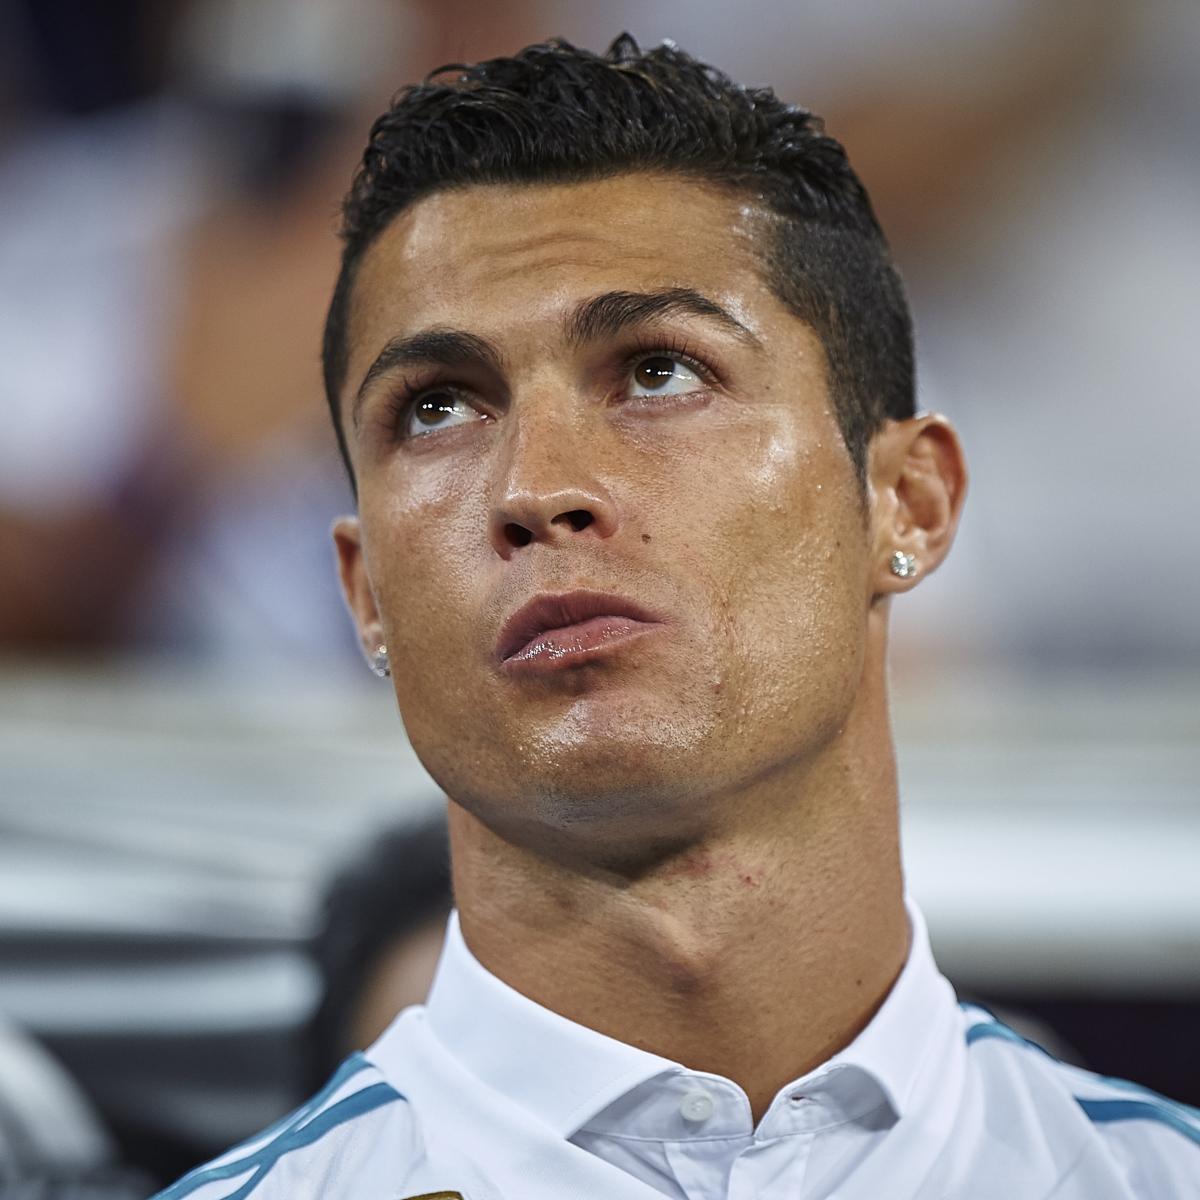 Manchester United Transfer News Lucas Moura And Cristiano: Manchester United Transfer News: Latest Cristiano Ronaldo